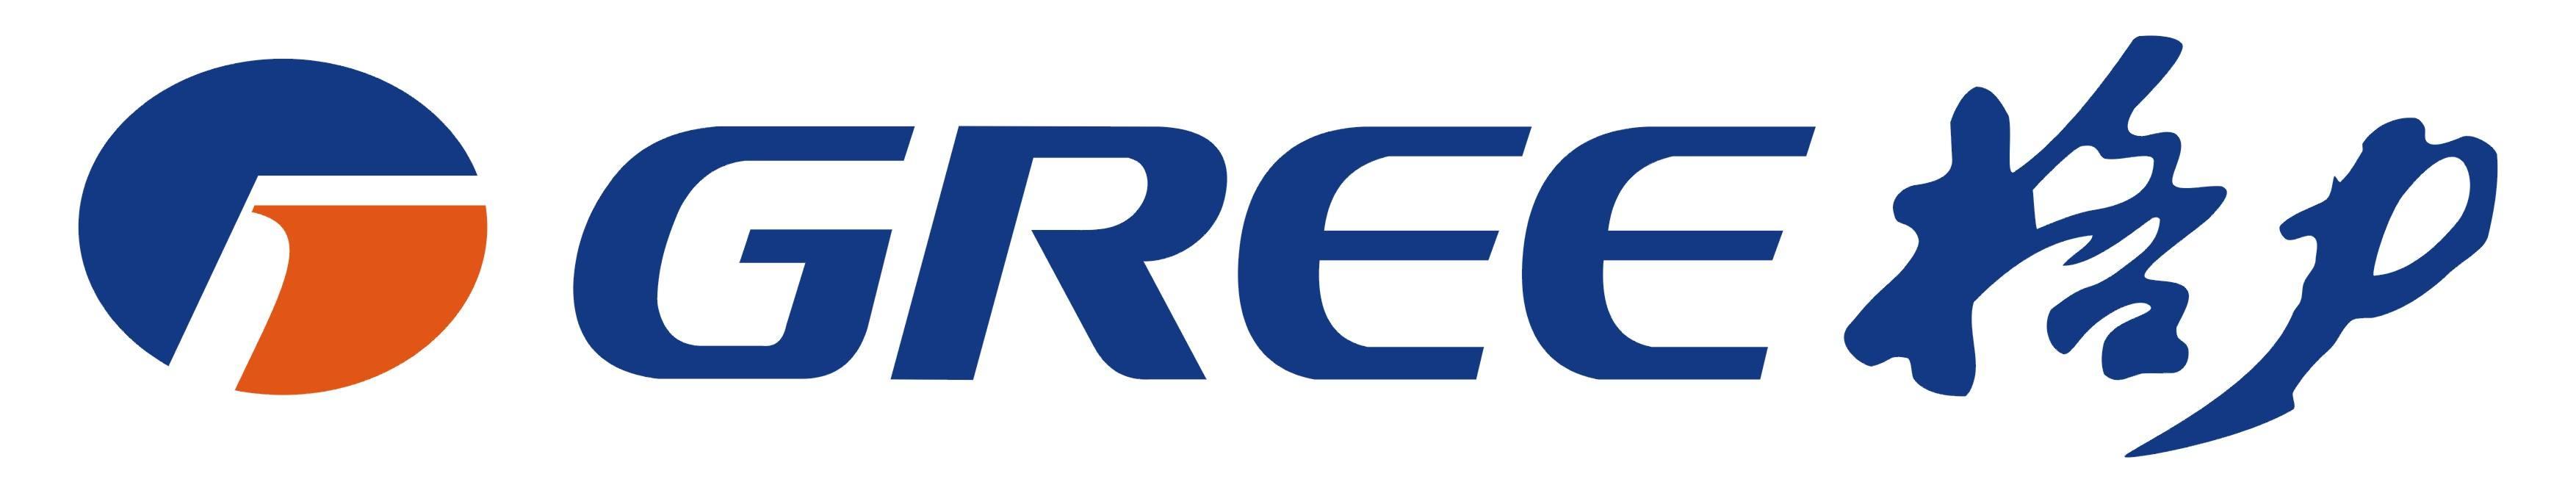 logo logo 标志 设计 矢量 矢量图 素材 图标 3507_671